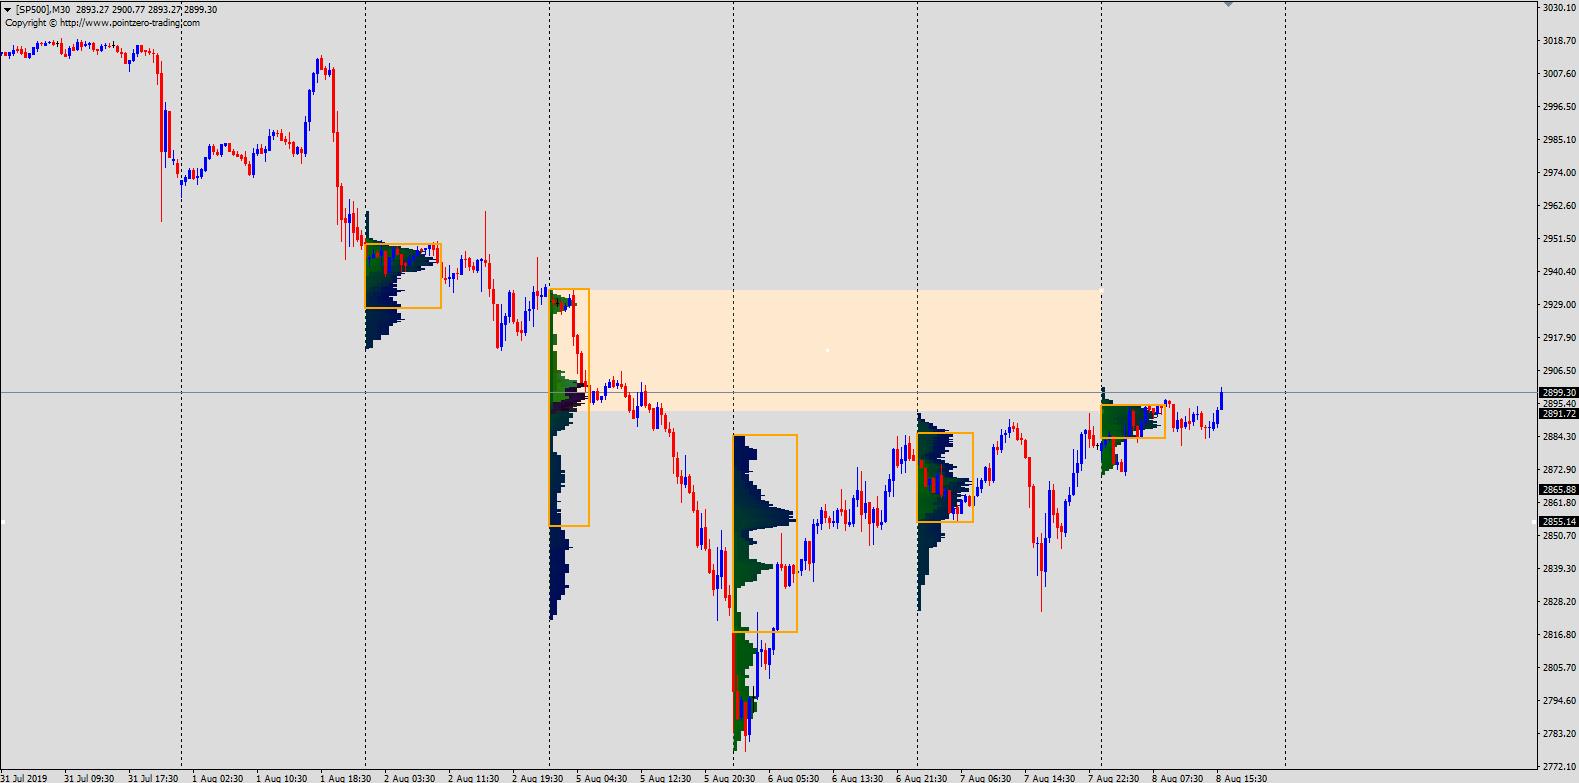 S&P 500 market profile